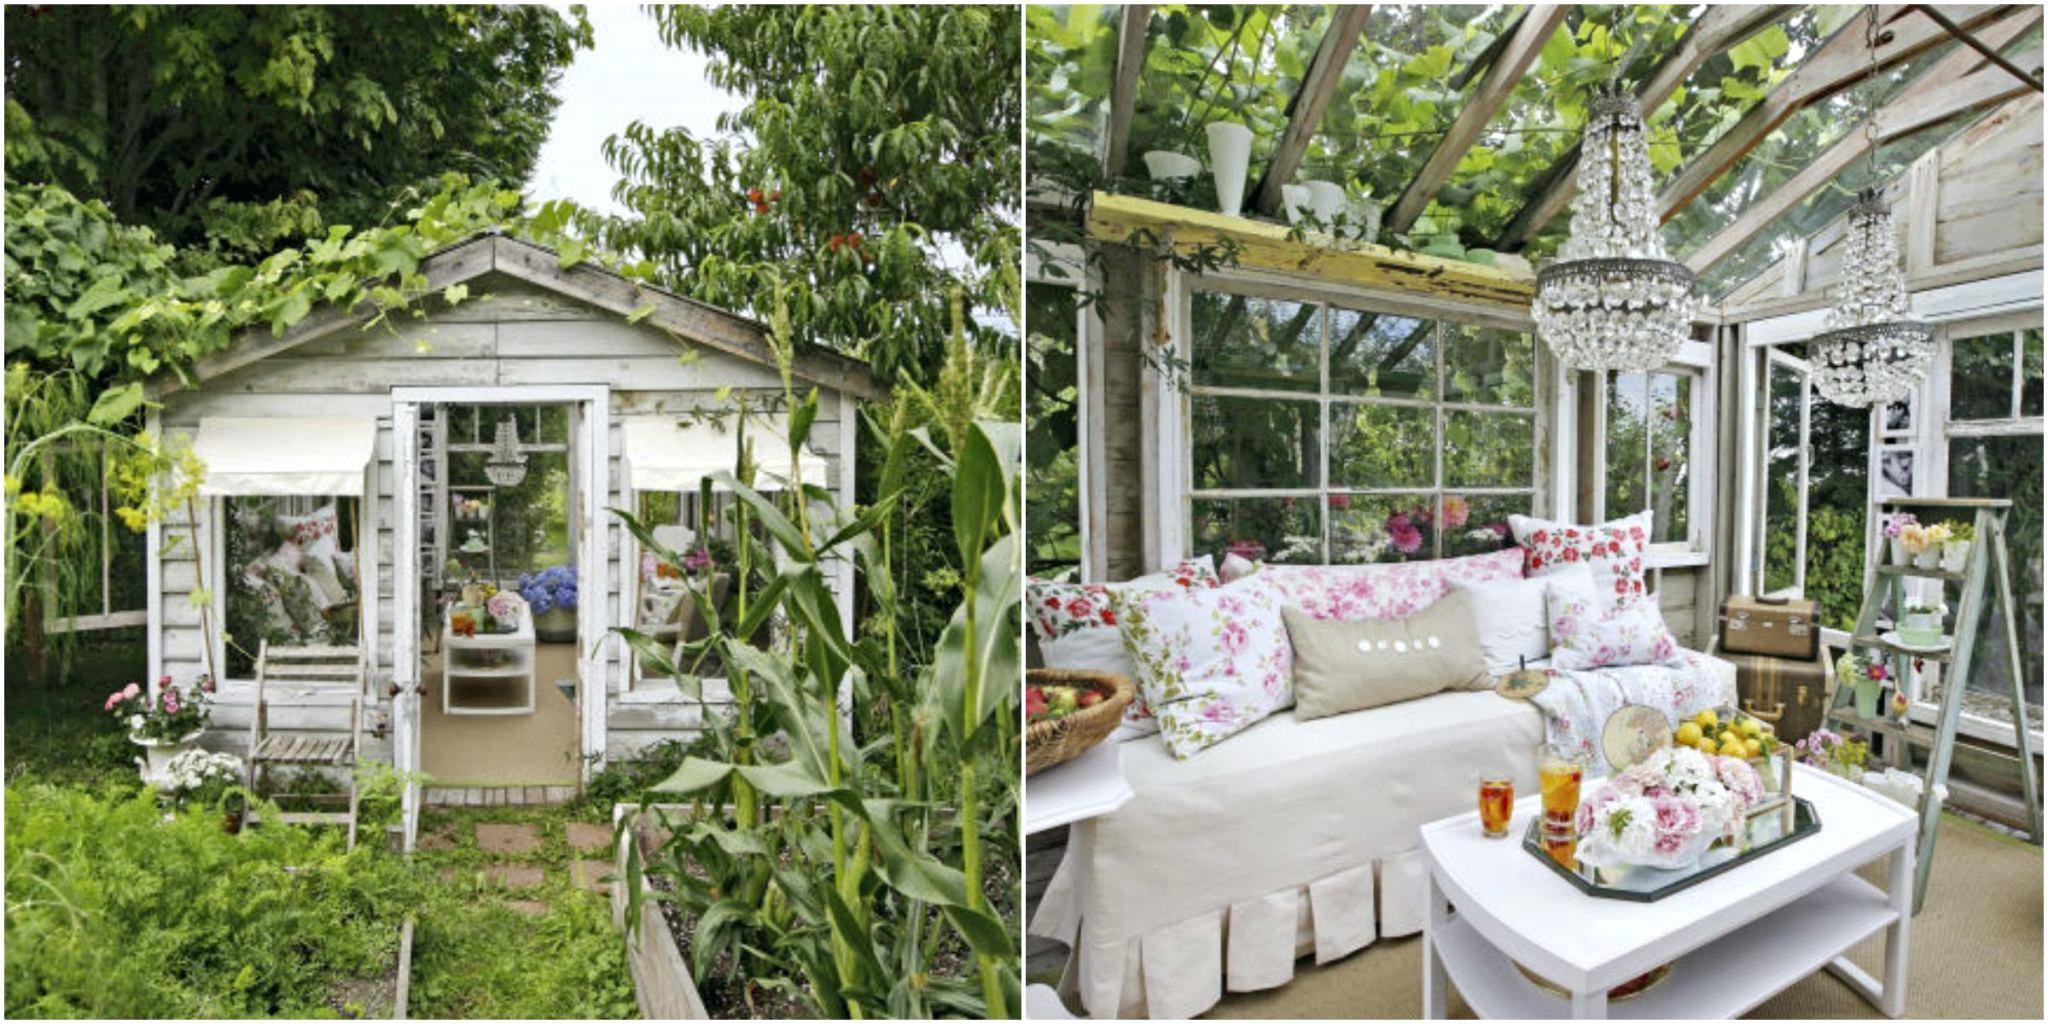 Shabby Chic Garten - Patio Bereich gestalten